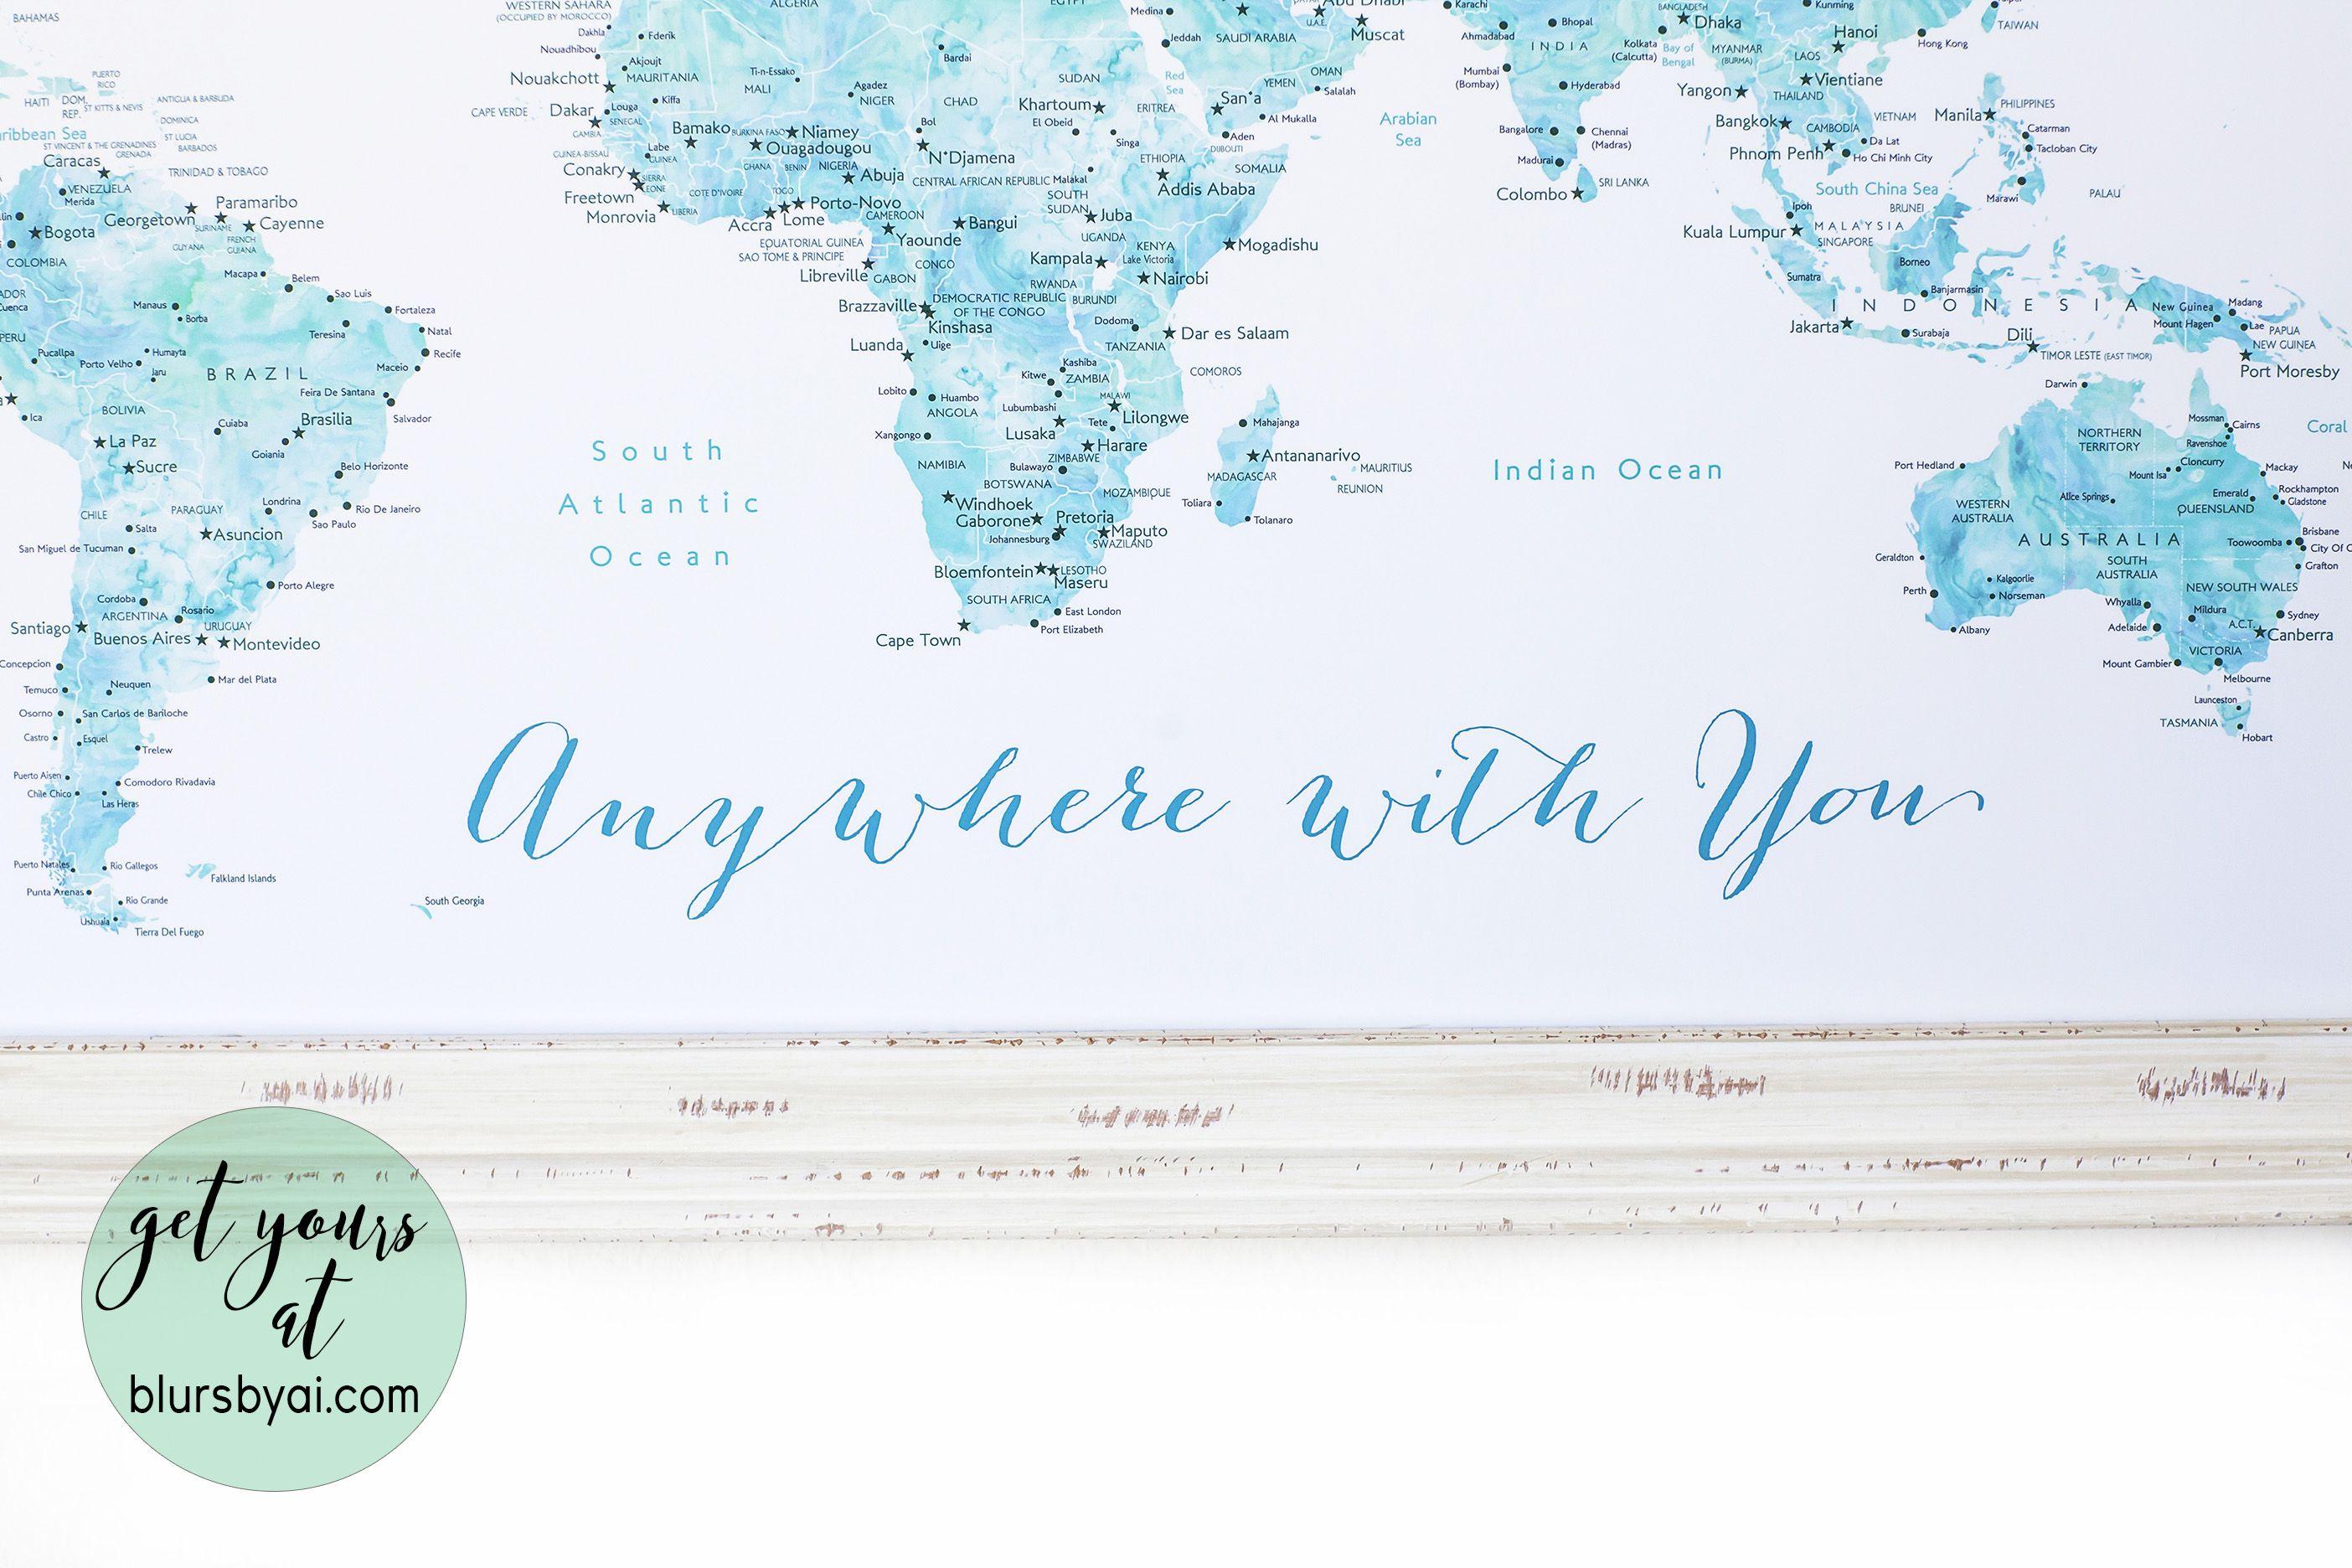 Best. Deal. Ever. Get one of blursbyai's custom maps as